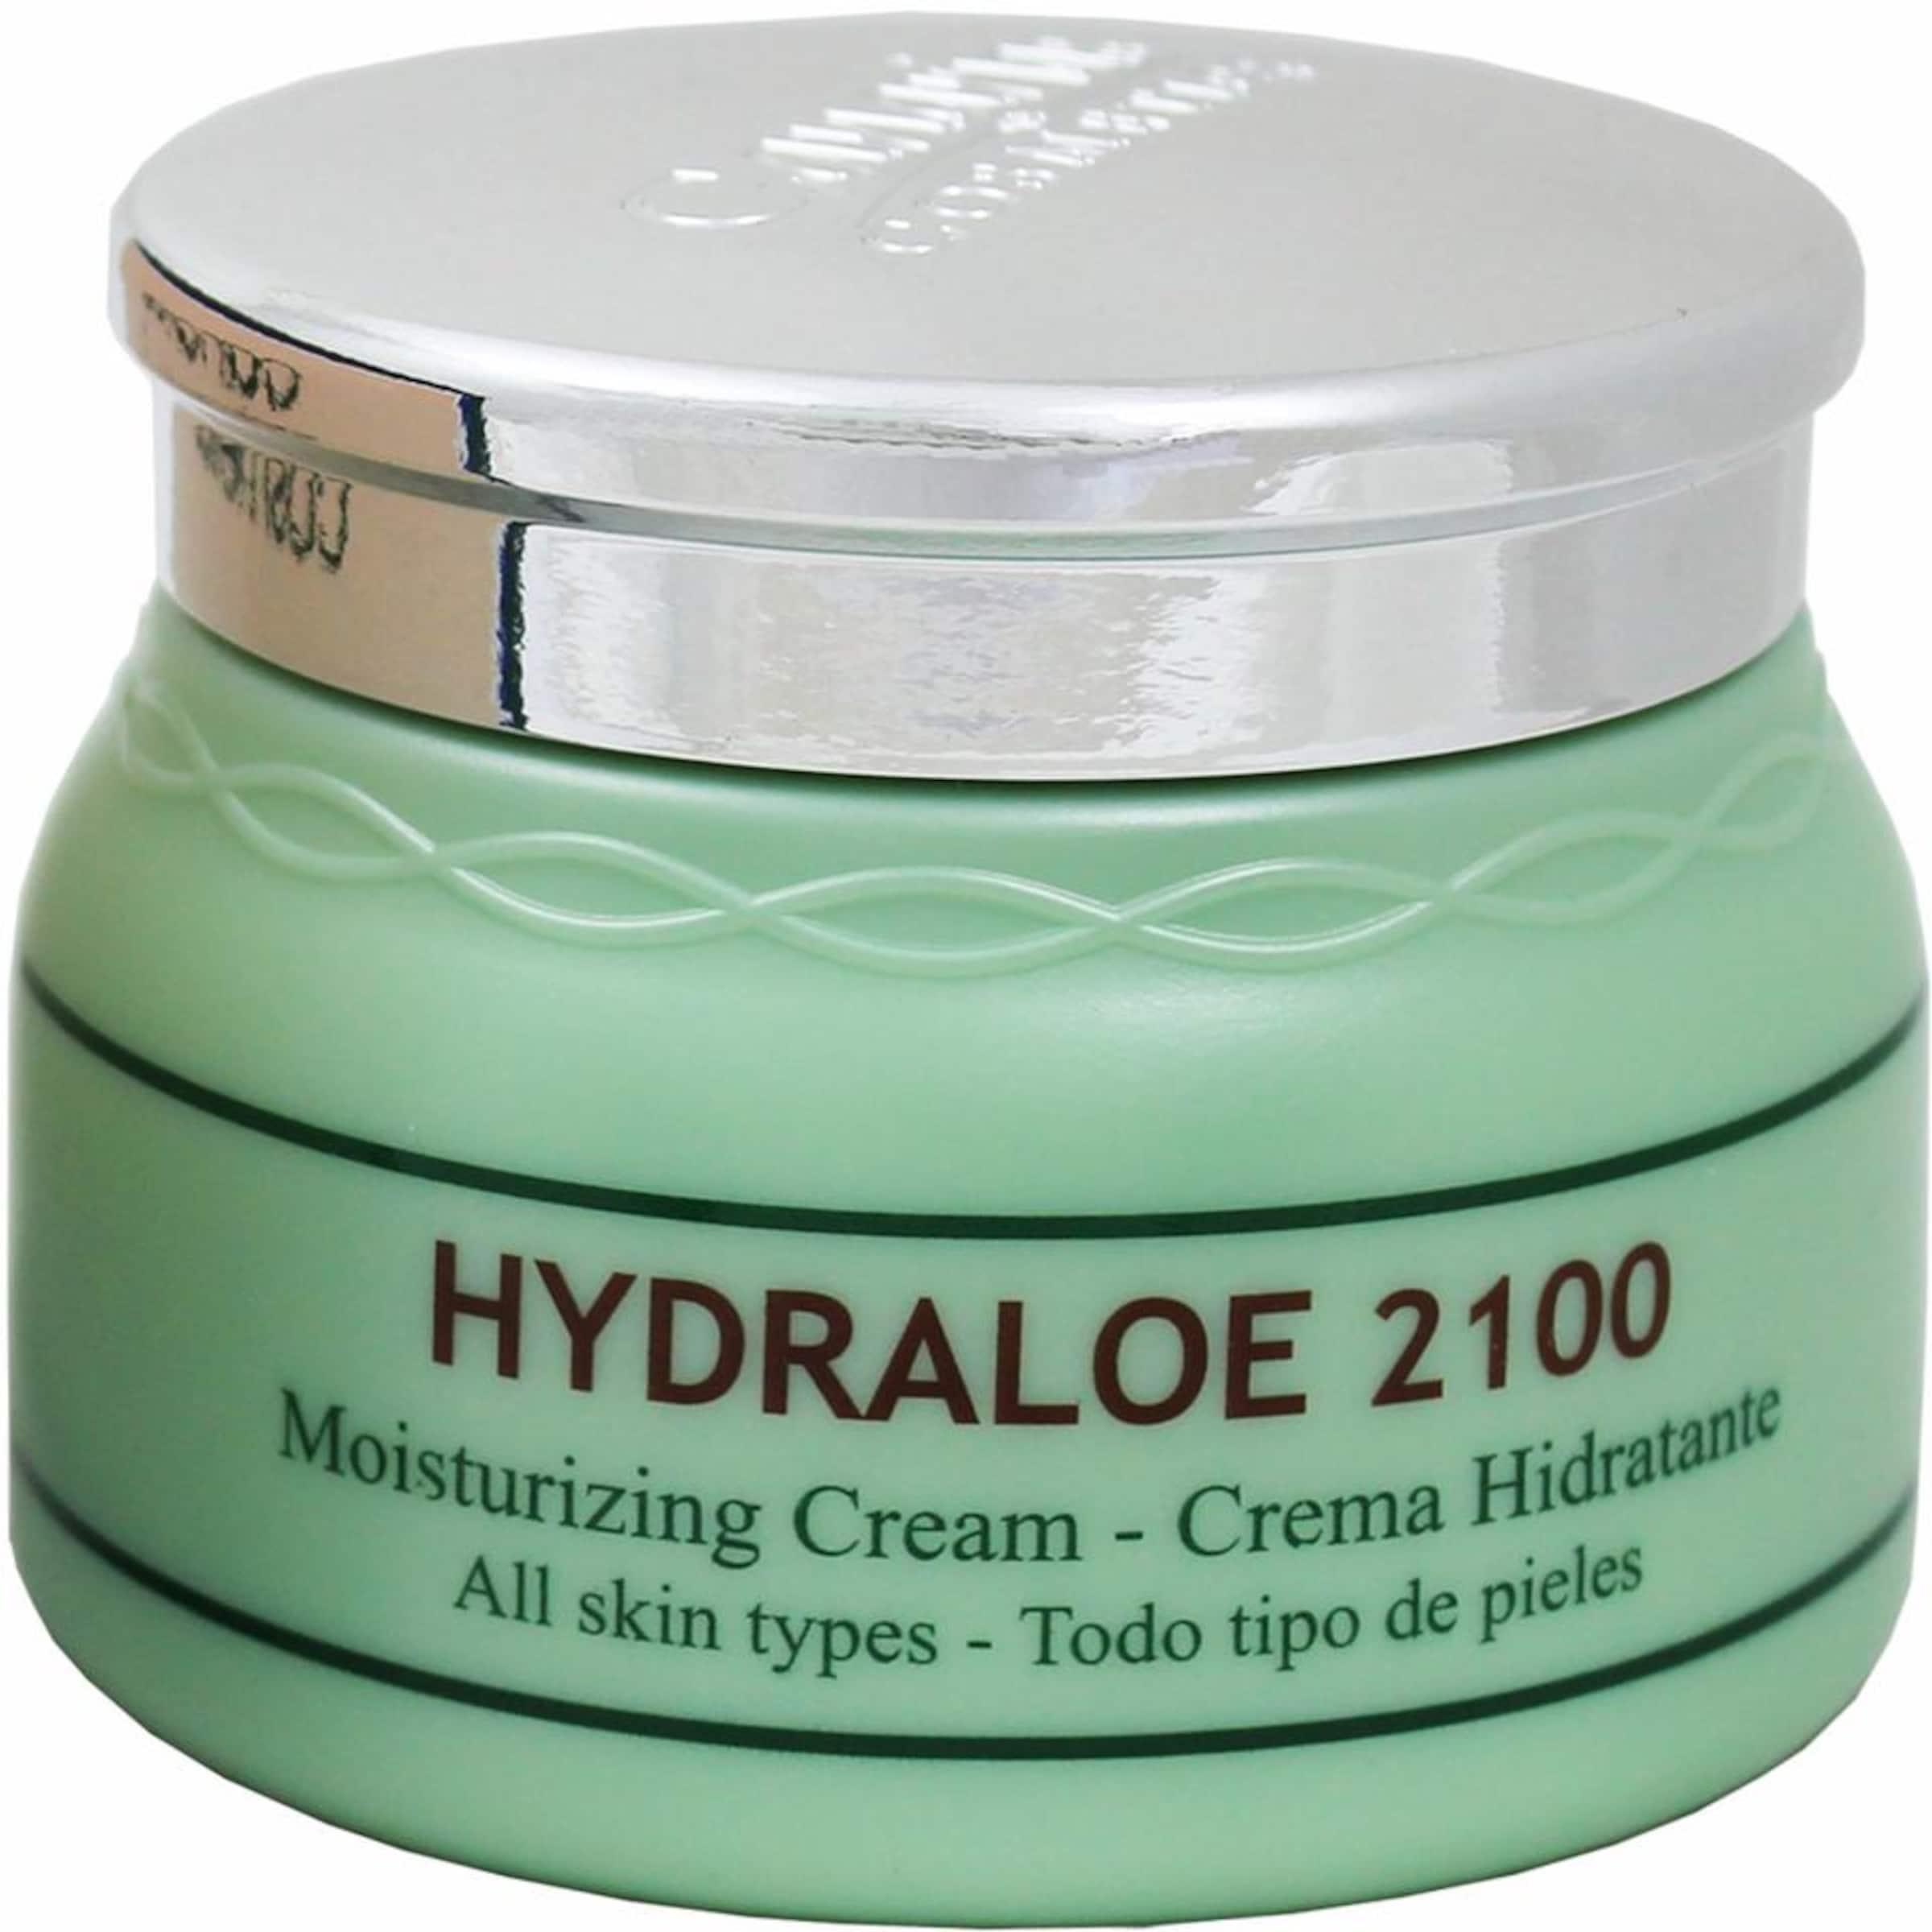 Aberdeen canarias cosmetics 'Hydraloe 2100' Feuchtigkeitscreme Für Billig Zu Verkaufen Unter 50 Dollar Preiswerte Art Und Stil Zrk6YbZ0PX